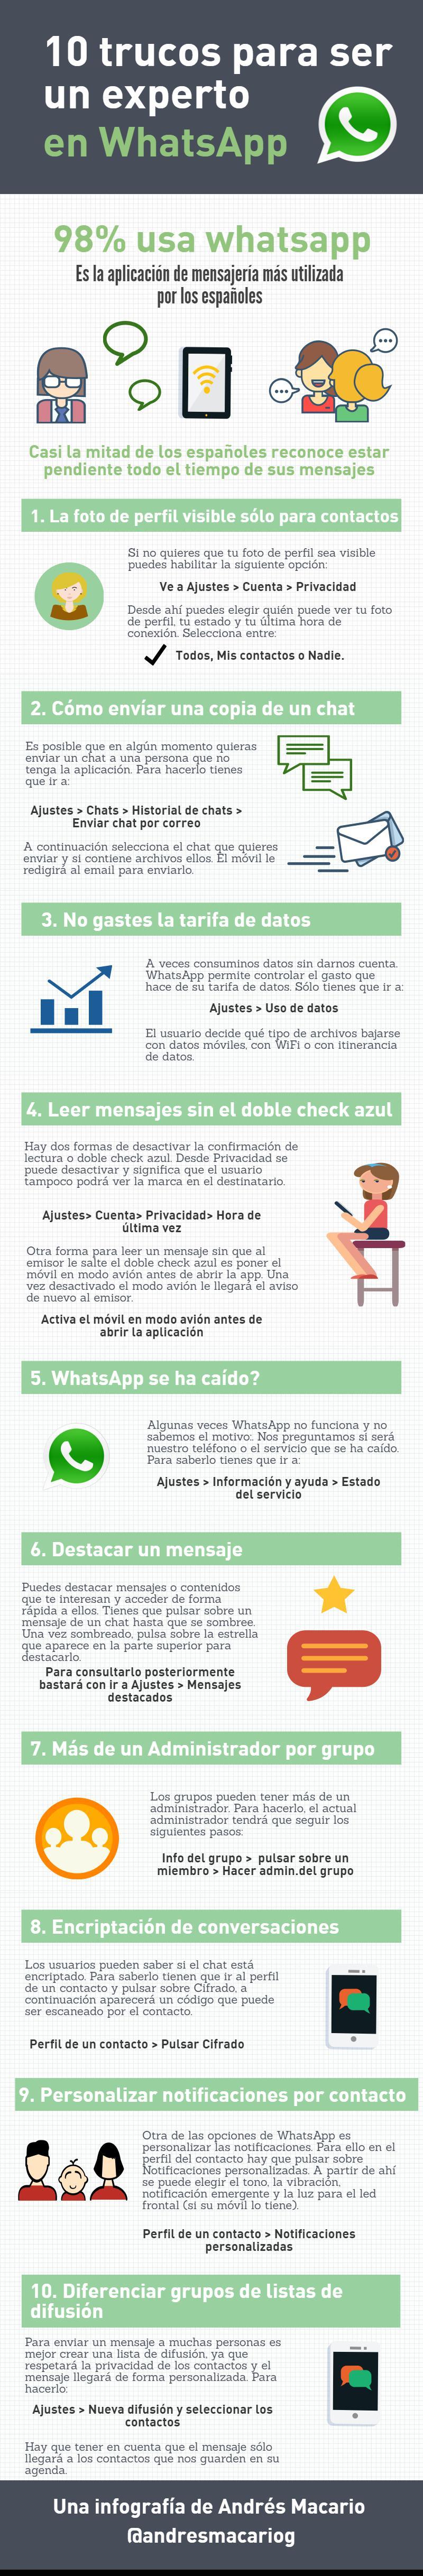 10 trucos para ser un experto en WhatsApp